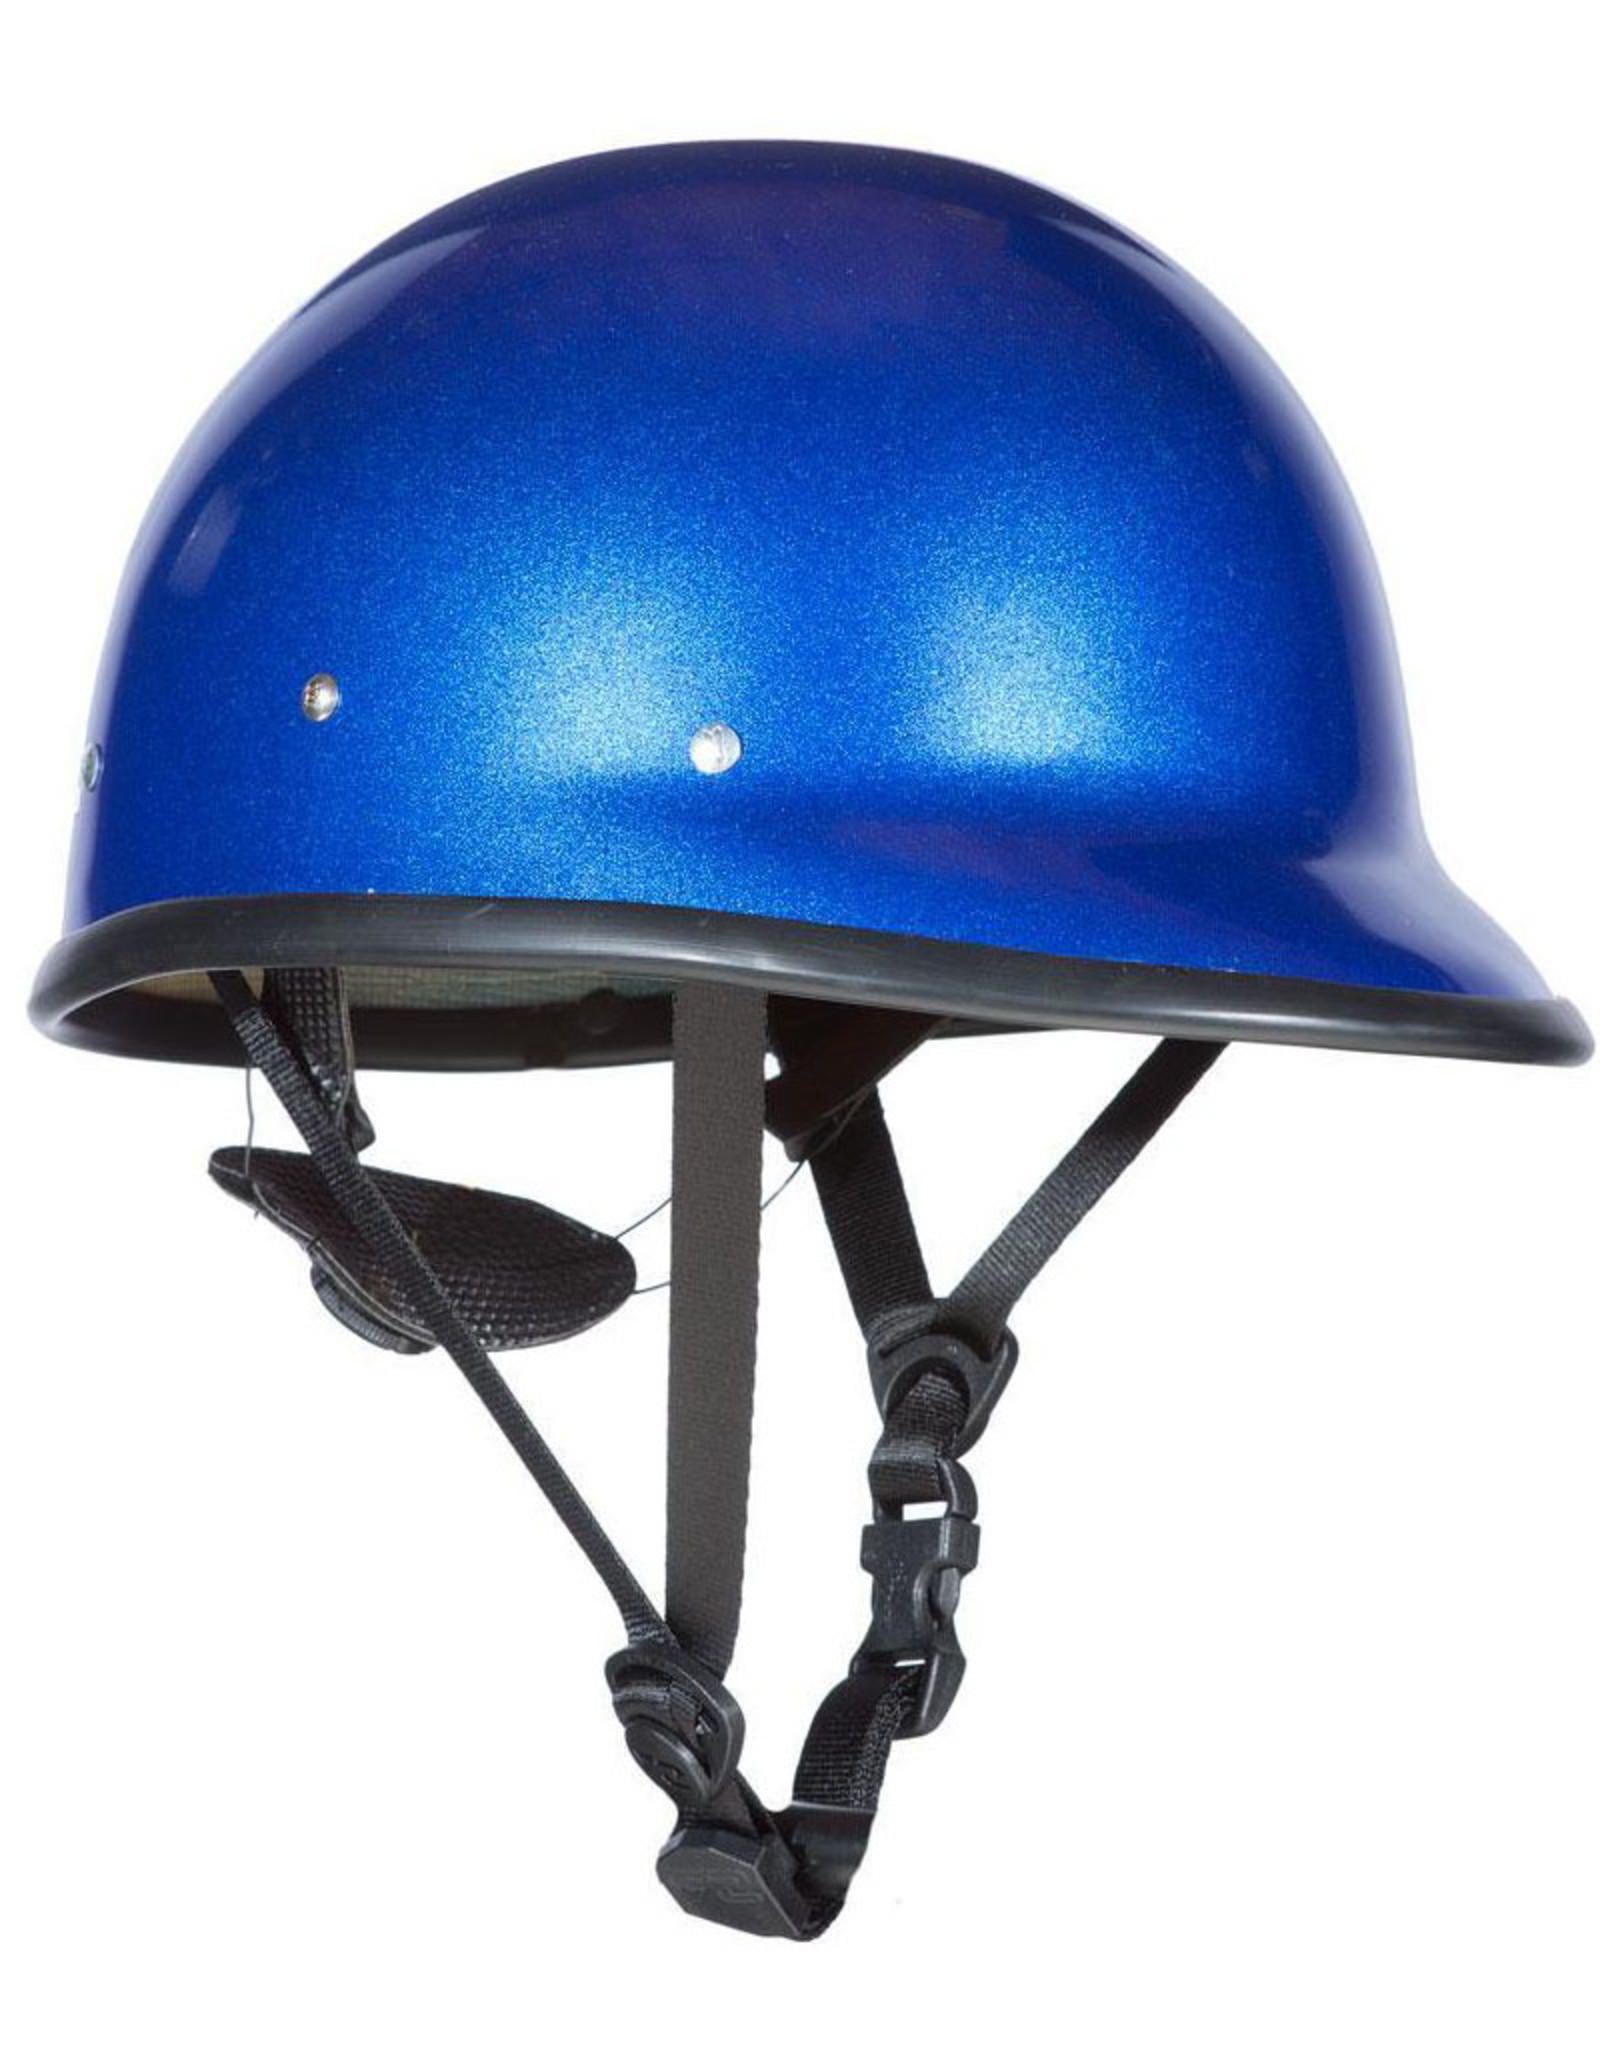 Shred Ready Shred Ready TDub Helmet